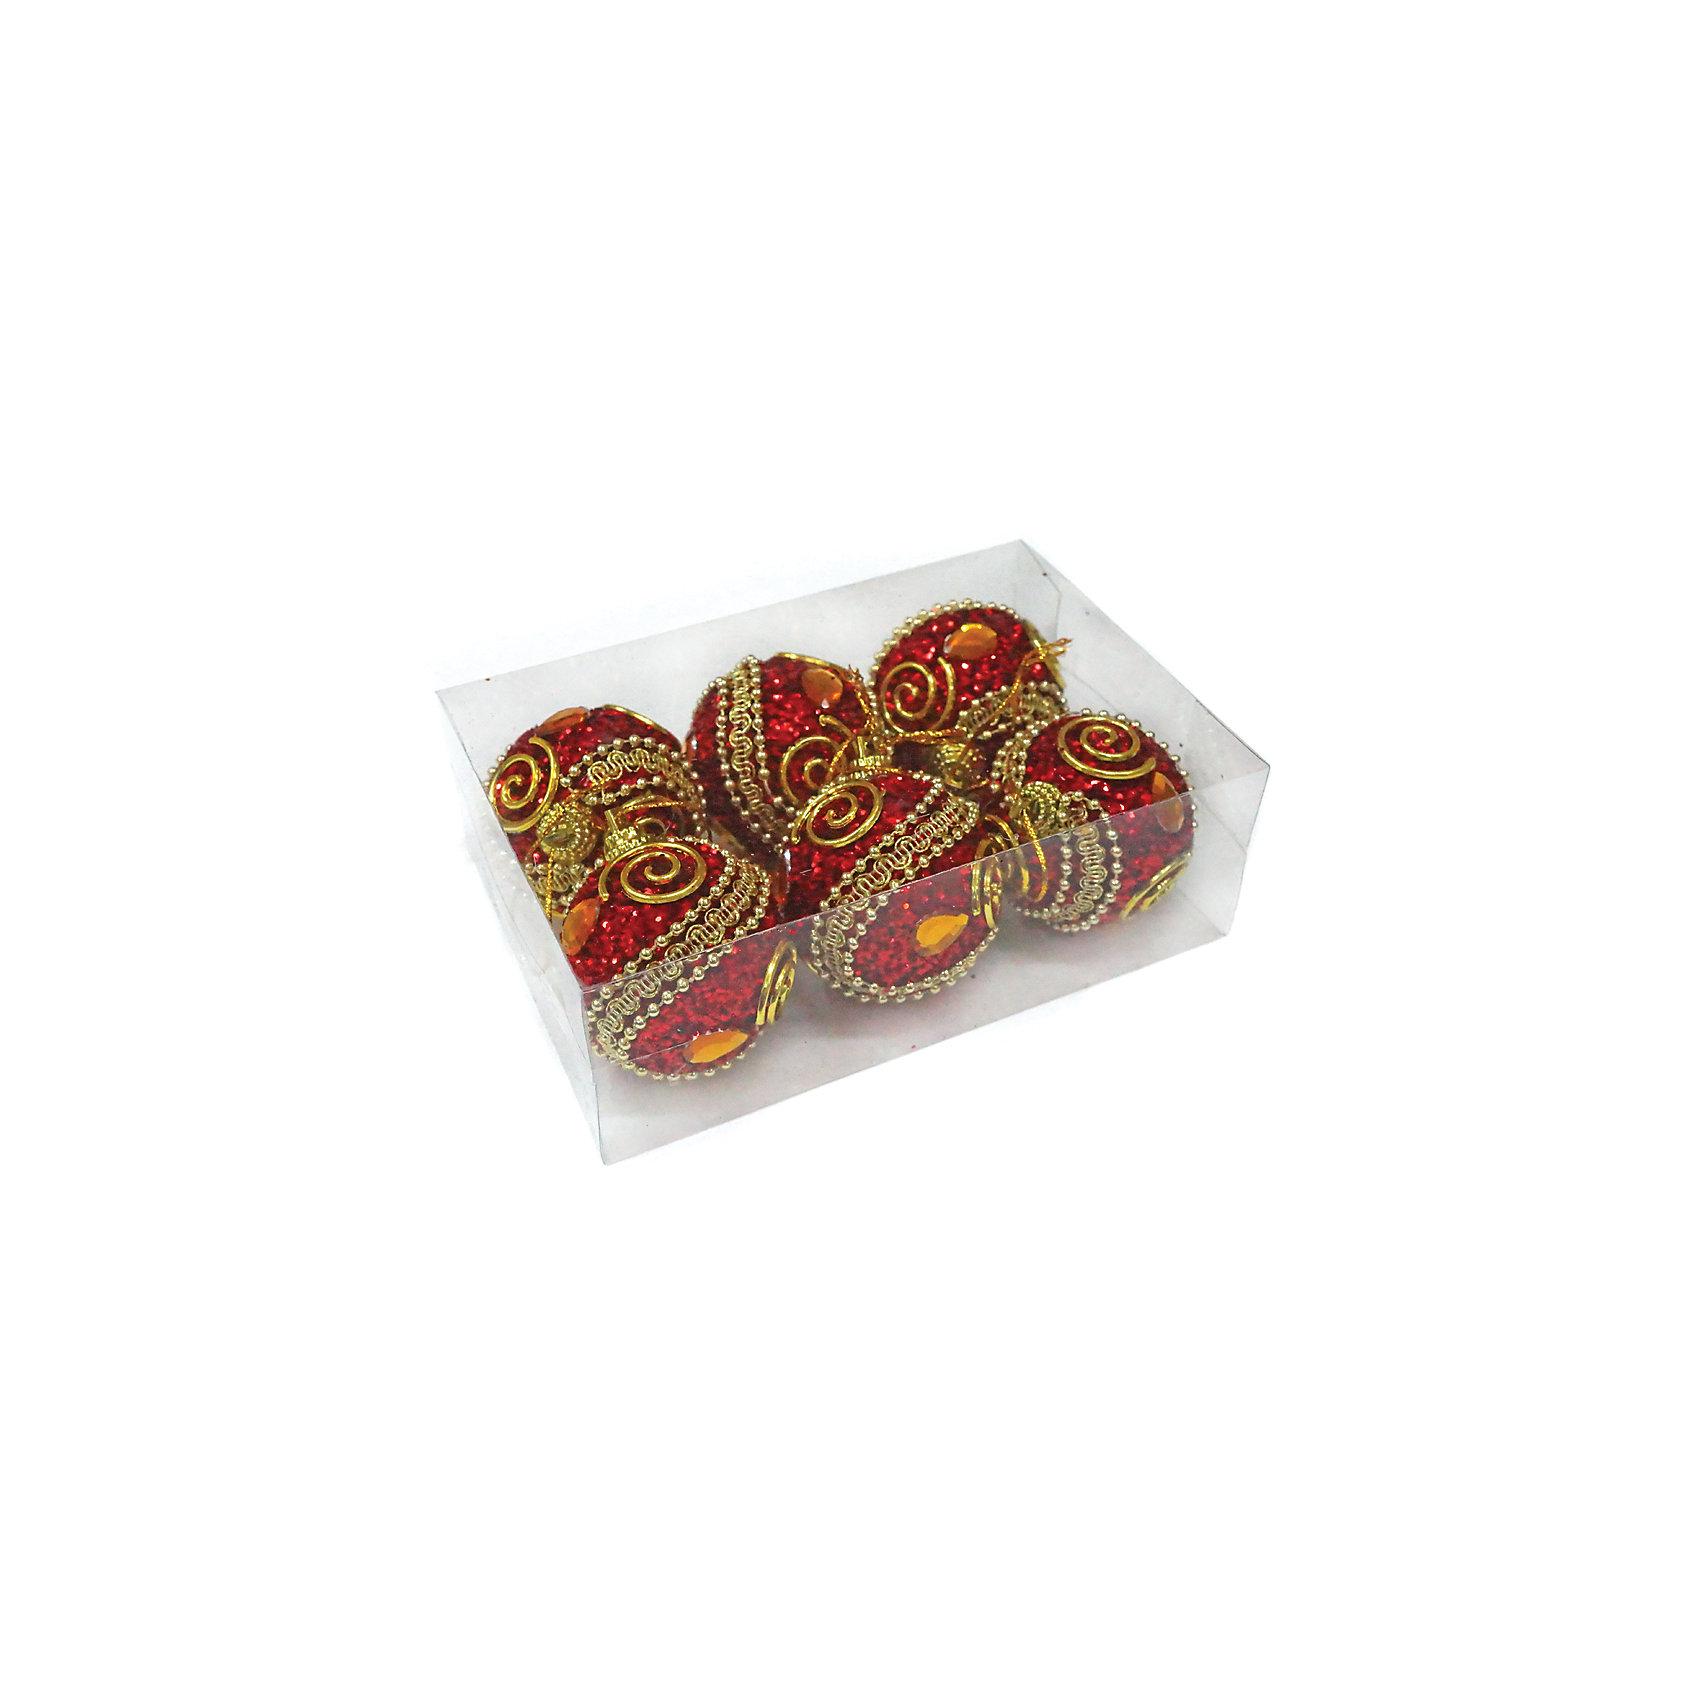 Набор шаров 5 см, 6 шт, красные, пенопластВсё для праздника<br>Набор елочных шаров красного цвета украсит вашу елку и придаст ей новогоднее настроение.Размер украшения 5 см.В наборе 6 шт<br><br>Ширина мм: 145<br>Глубина мм: 100<br>Высота мм: 50<br>Вес г: 56<br>Возраст от месяцев: 36<br>Возраст до месяцев: 420<br>Пол: Унисекс<br>Возраст: Детский<br>SKU: 5078453